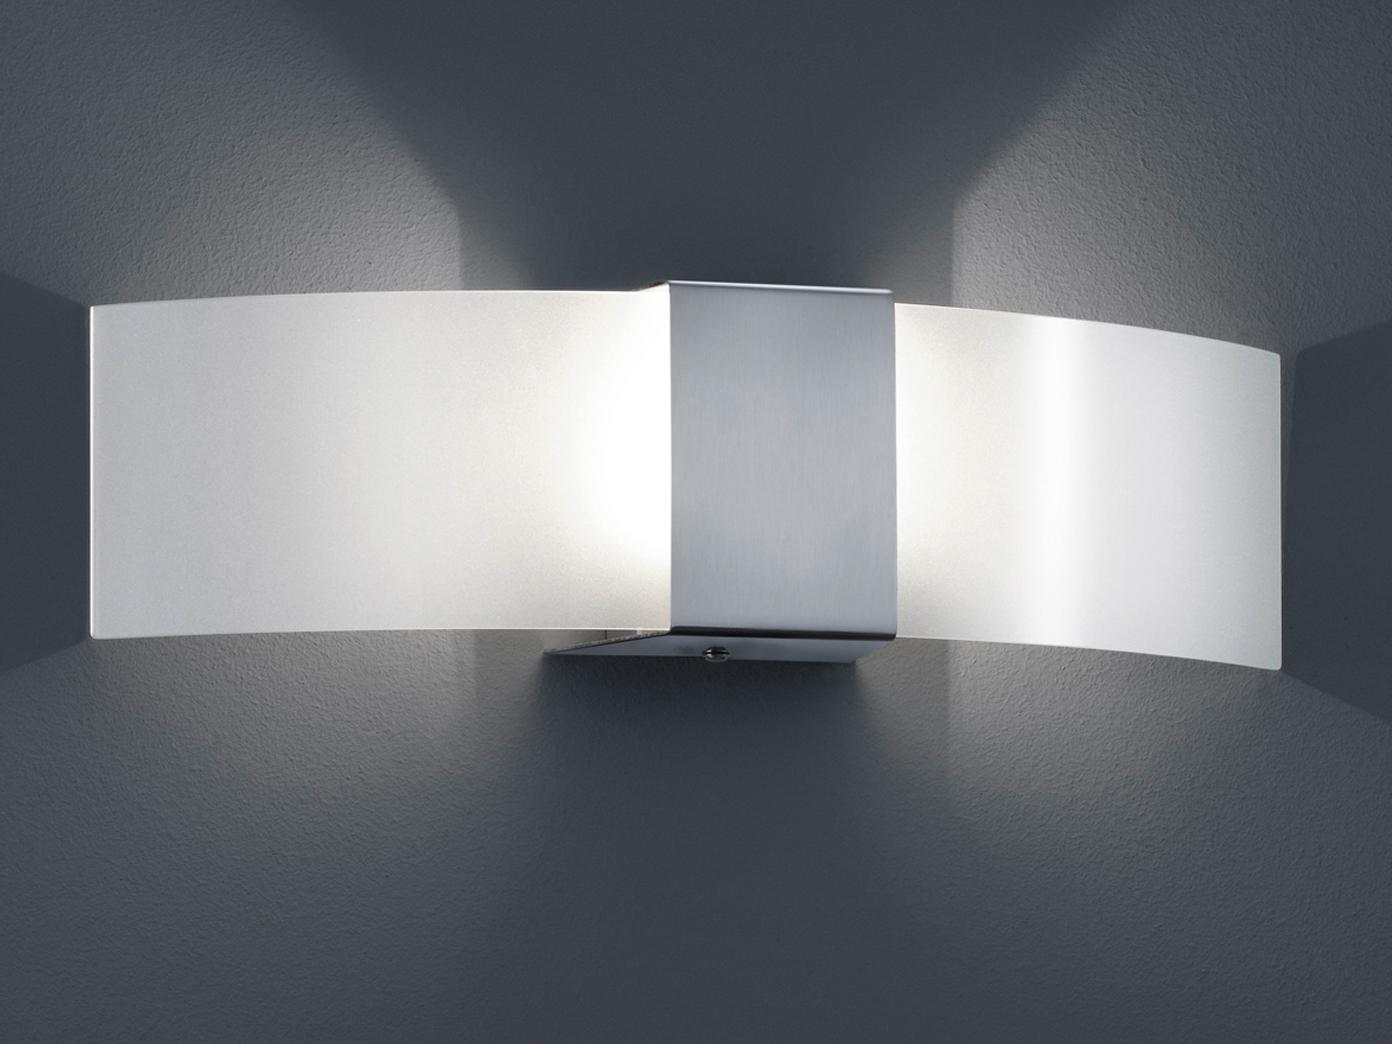 Moderne Wandbeleuchtung trio leuchten halogen wandleuchte in nickel matt 210710107 1x g9 28w